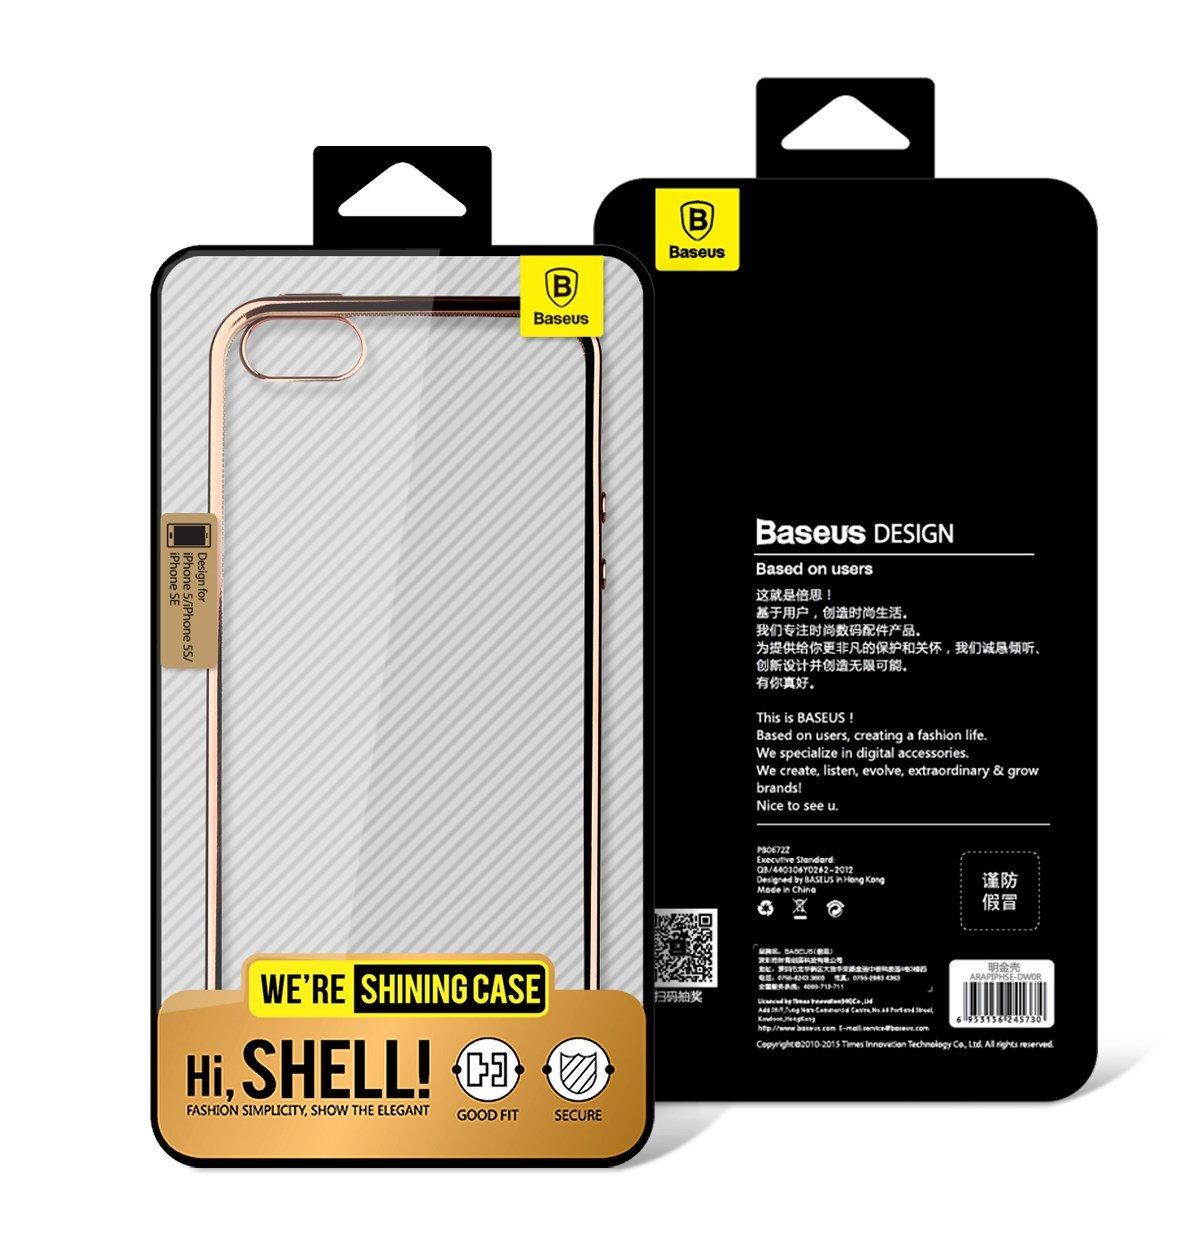 Ốp lưng iPhone 6/6S Baseus Shining mạ viền (nhựa TPU cao cấp, trong suốt, đàn hồi, chống va đập)